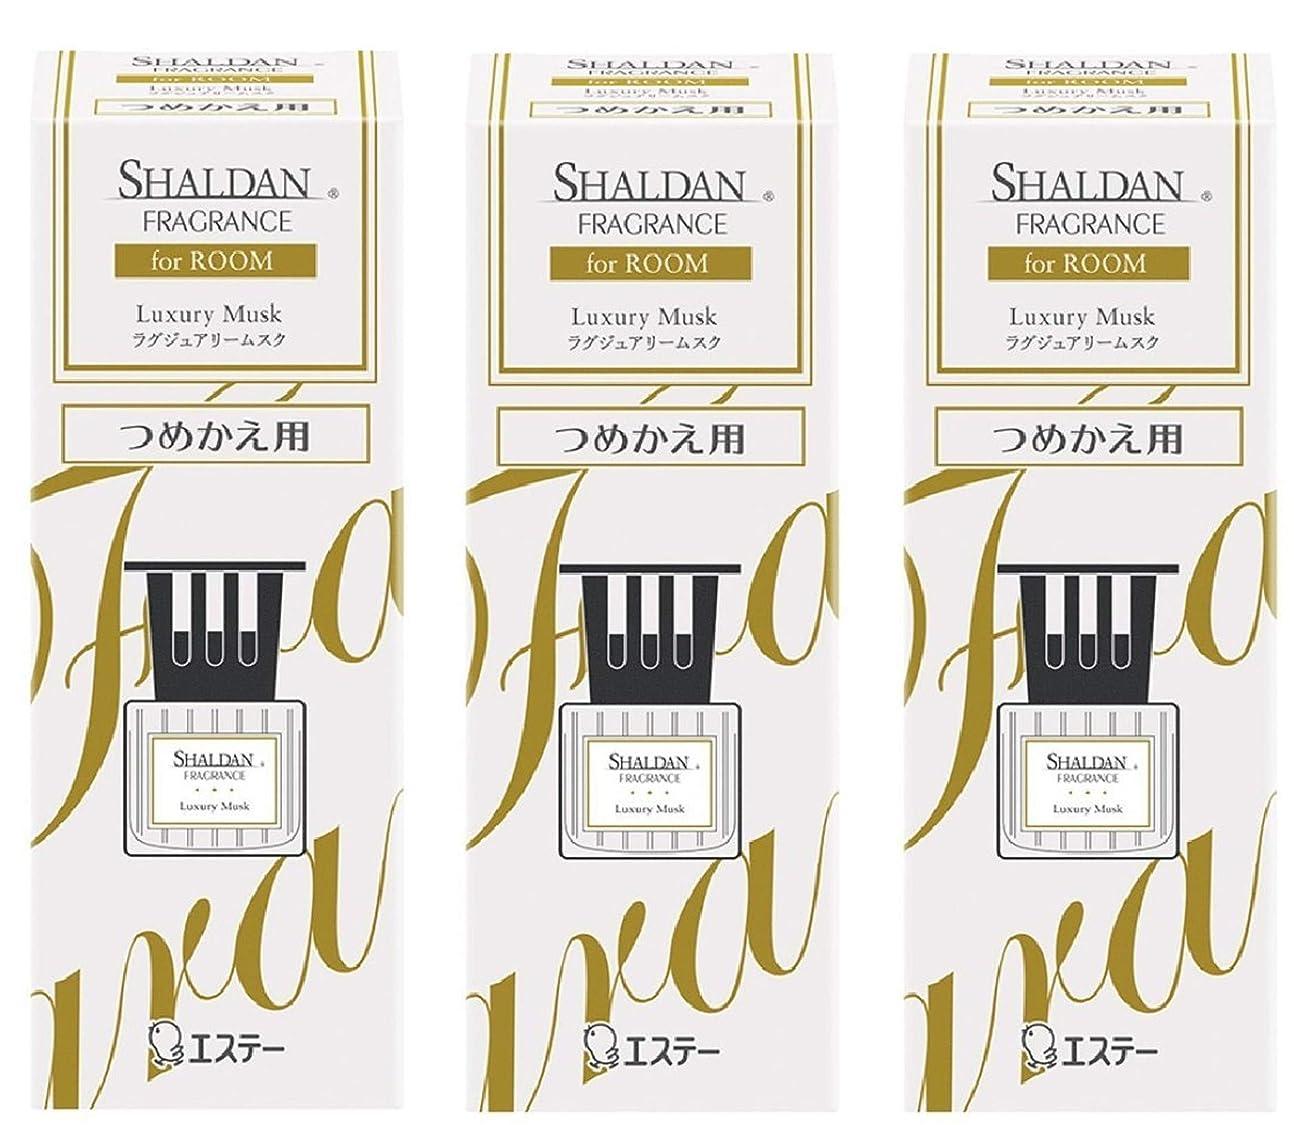 ジャンクション時々ミトン【まとめ買い】シャルダン SHALDAN フレグランス for ROOM 芳香剤 部屋用 部屋 つめかえ ラグジュアリームスク 65ml×3個